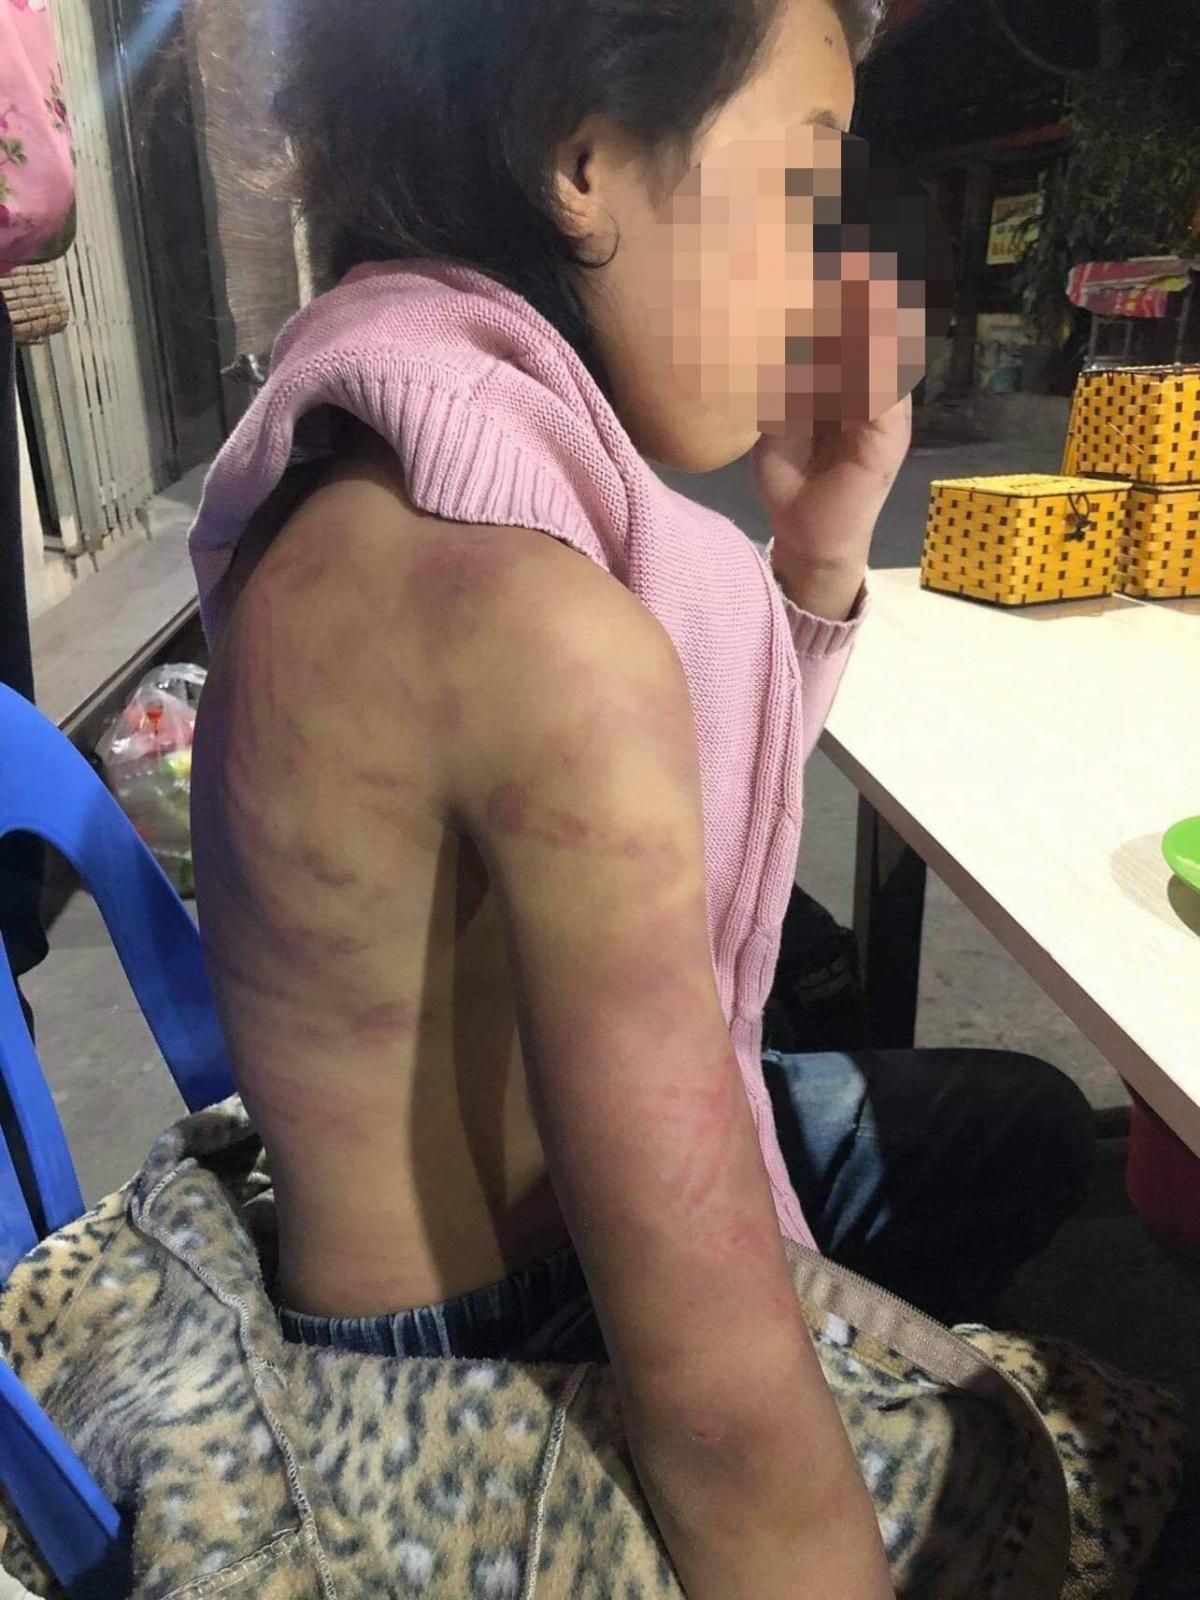 Toàn thân bé gái bị đánh đập tím tái. (Ảnh người nhà cung cấp)